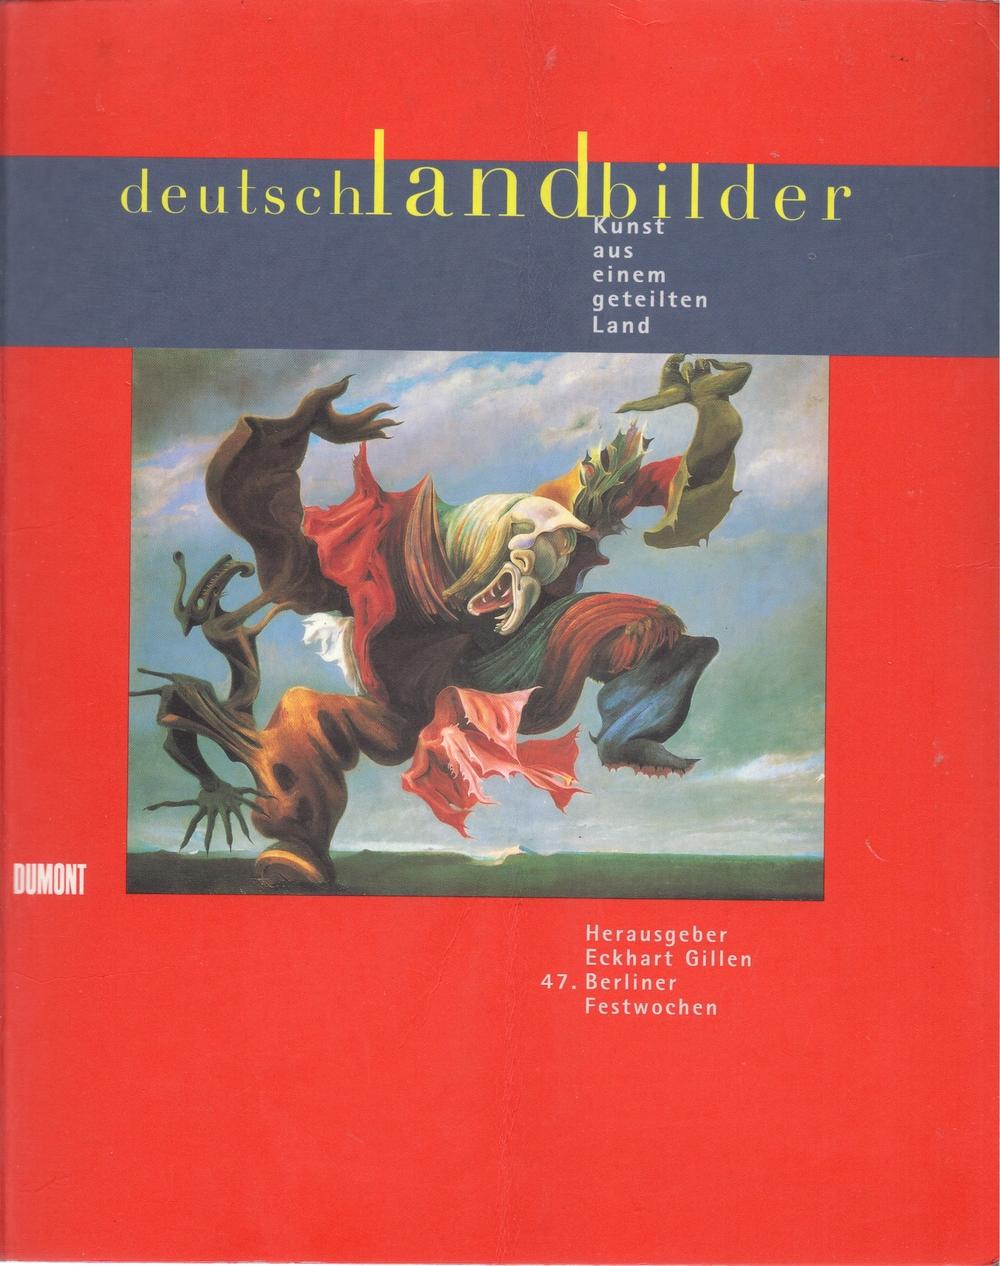 Deutschlandbilder - Kunst aus einem geteilten Land, Dumont, 1997